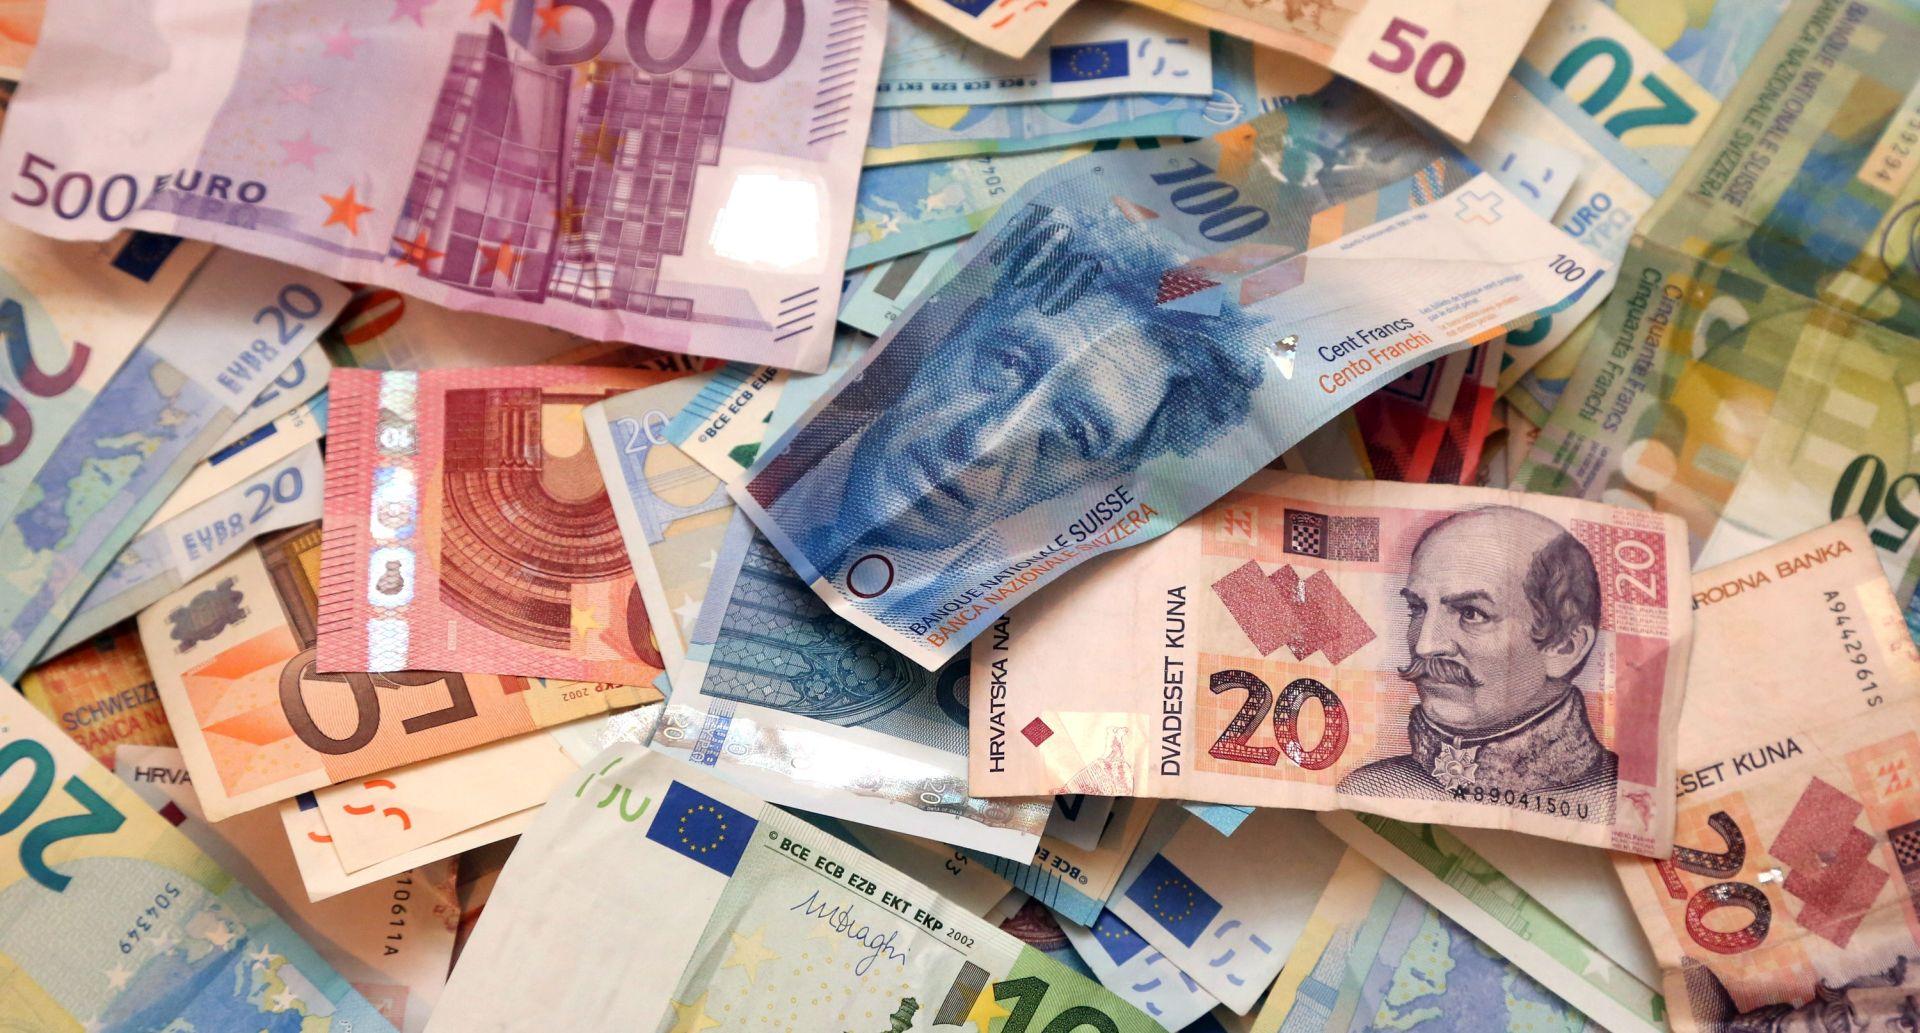 Europska unija pokrenula postupak protiv Hrvatske zbog 'švicarca'